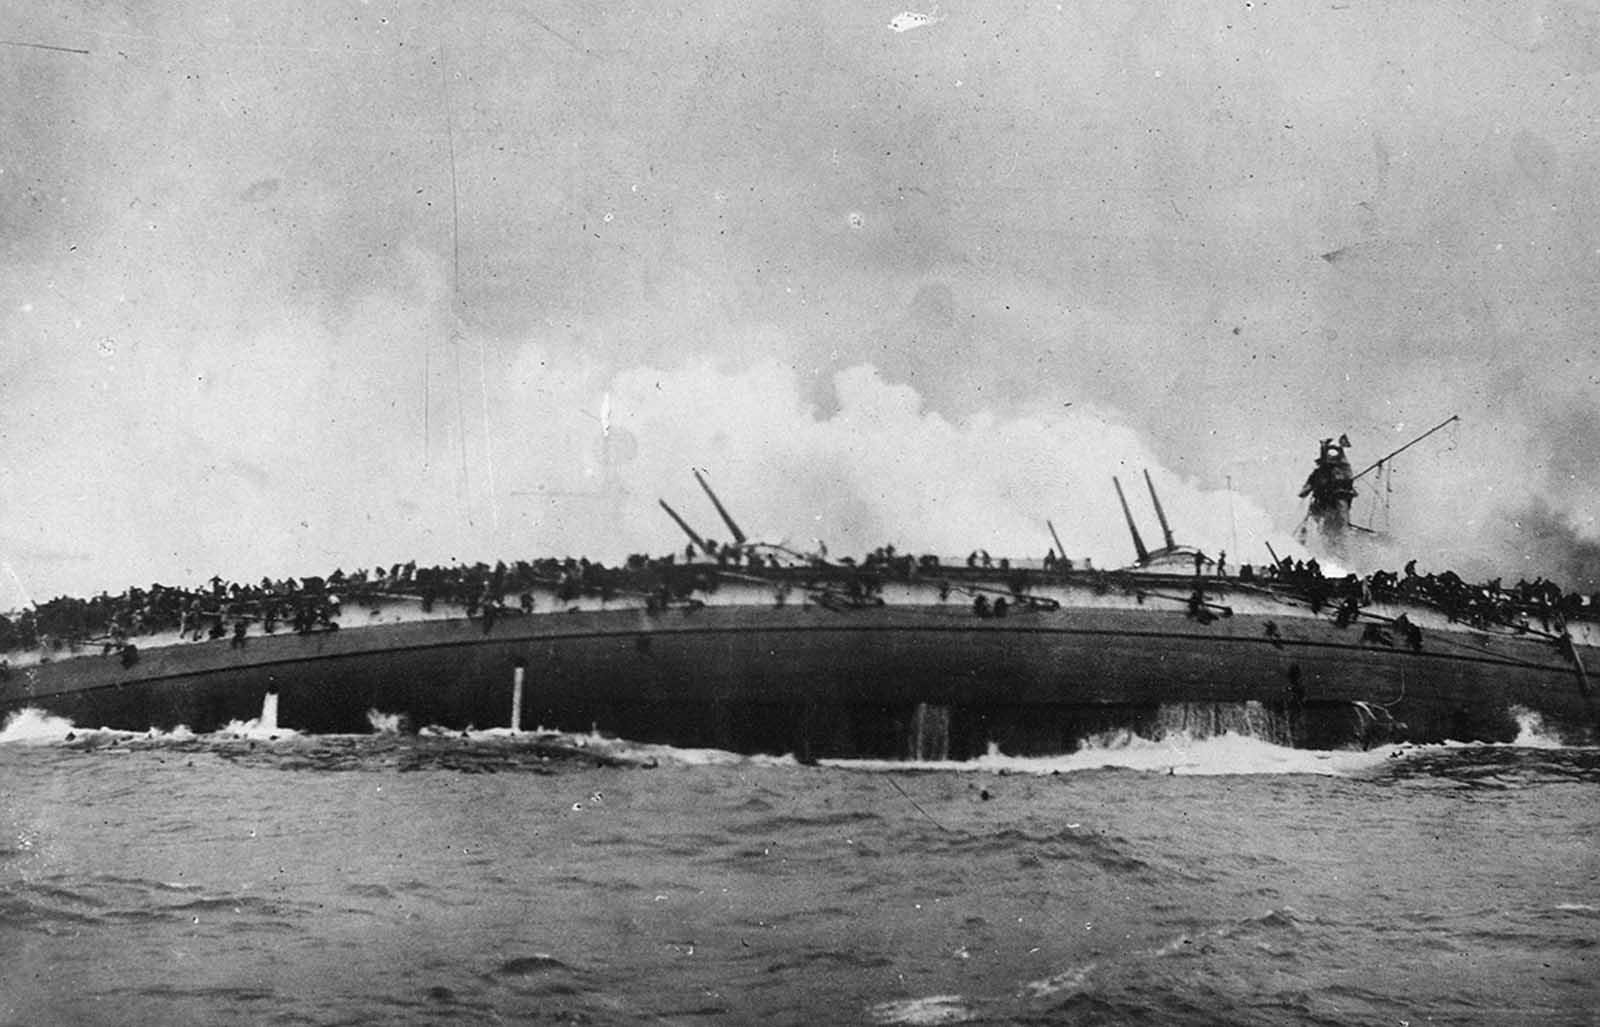 A német Cruiser SMS Bluecher elsüllyedése az északi-tengeri Dogger Bank csatájában, a német és a brit félelem között, 1915. január 24-én. A Bluecher közel ezer tengerész veszteségével elsüllyedt.  Ezt a fényképet a brit Cruiser Arethusia fedélzetéről készítették.